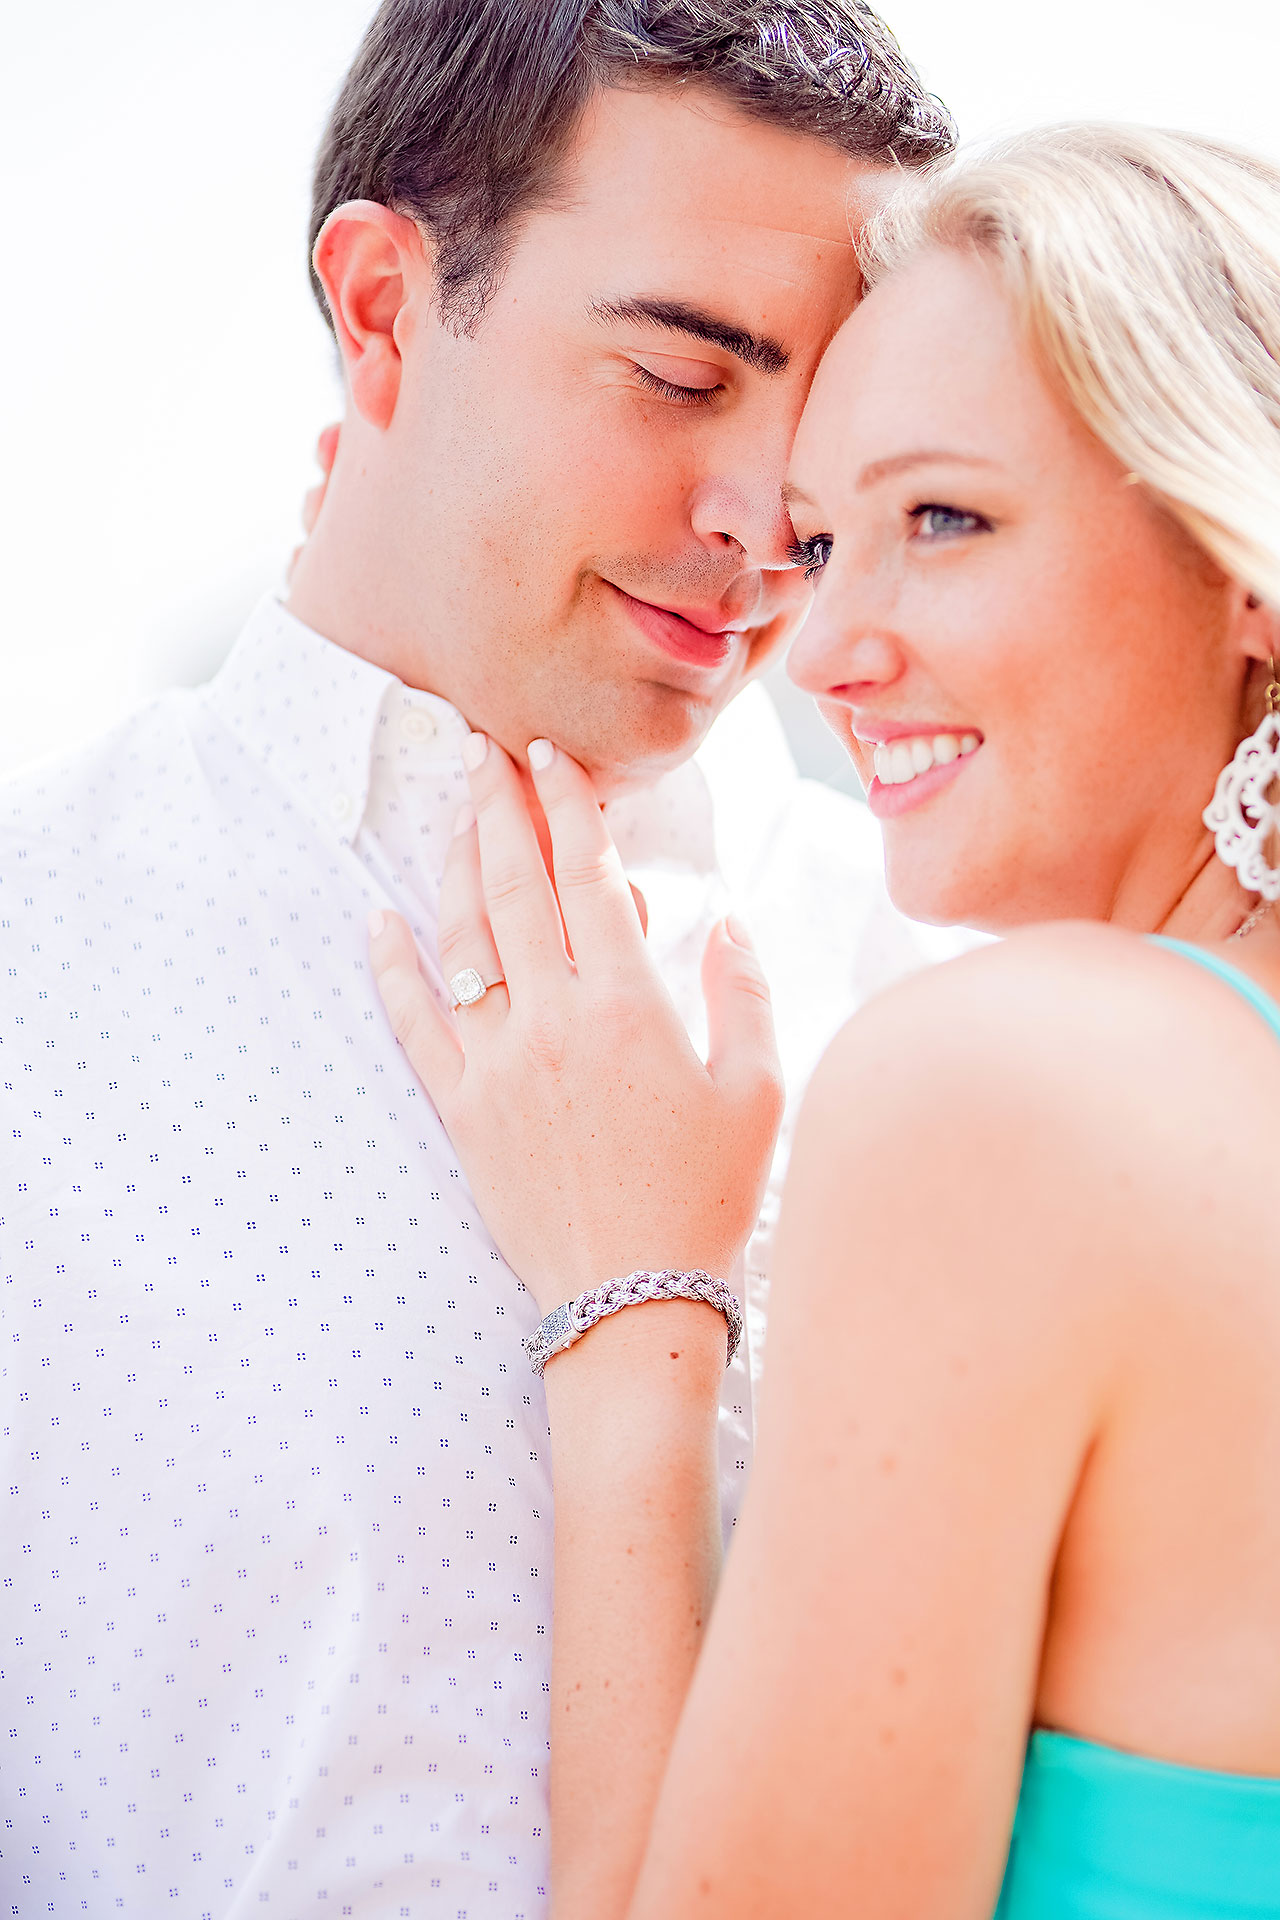 Liz Zach Midtown Carmel Engagement Session 115